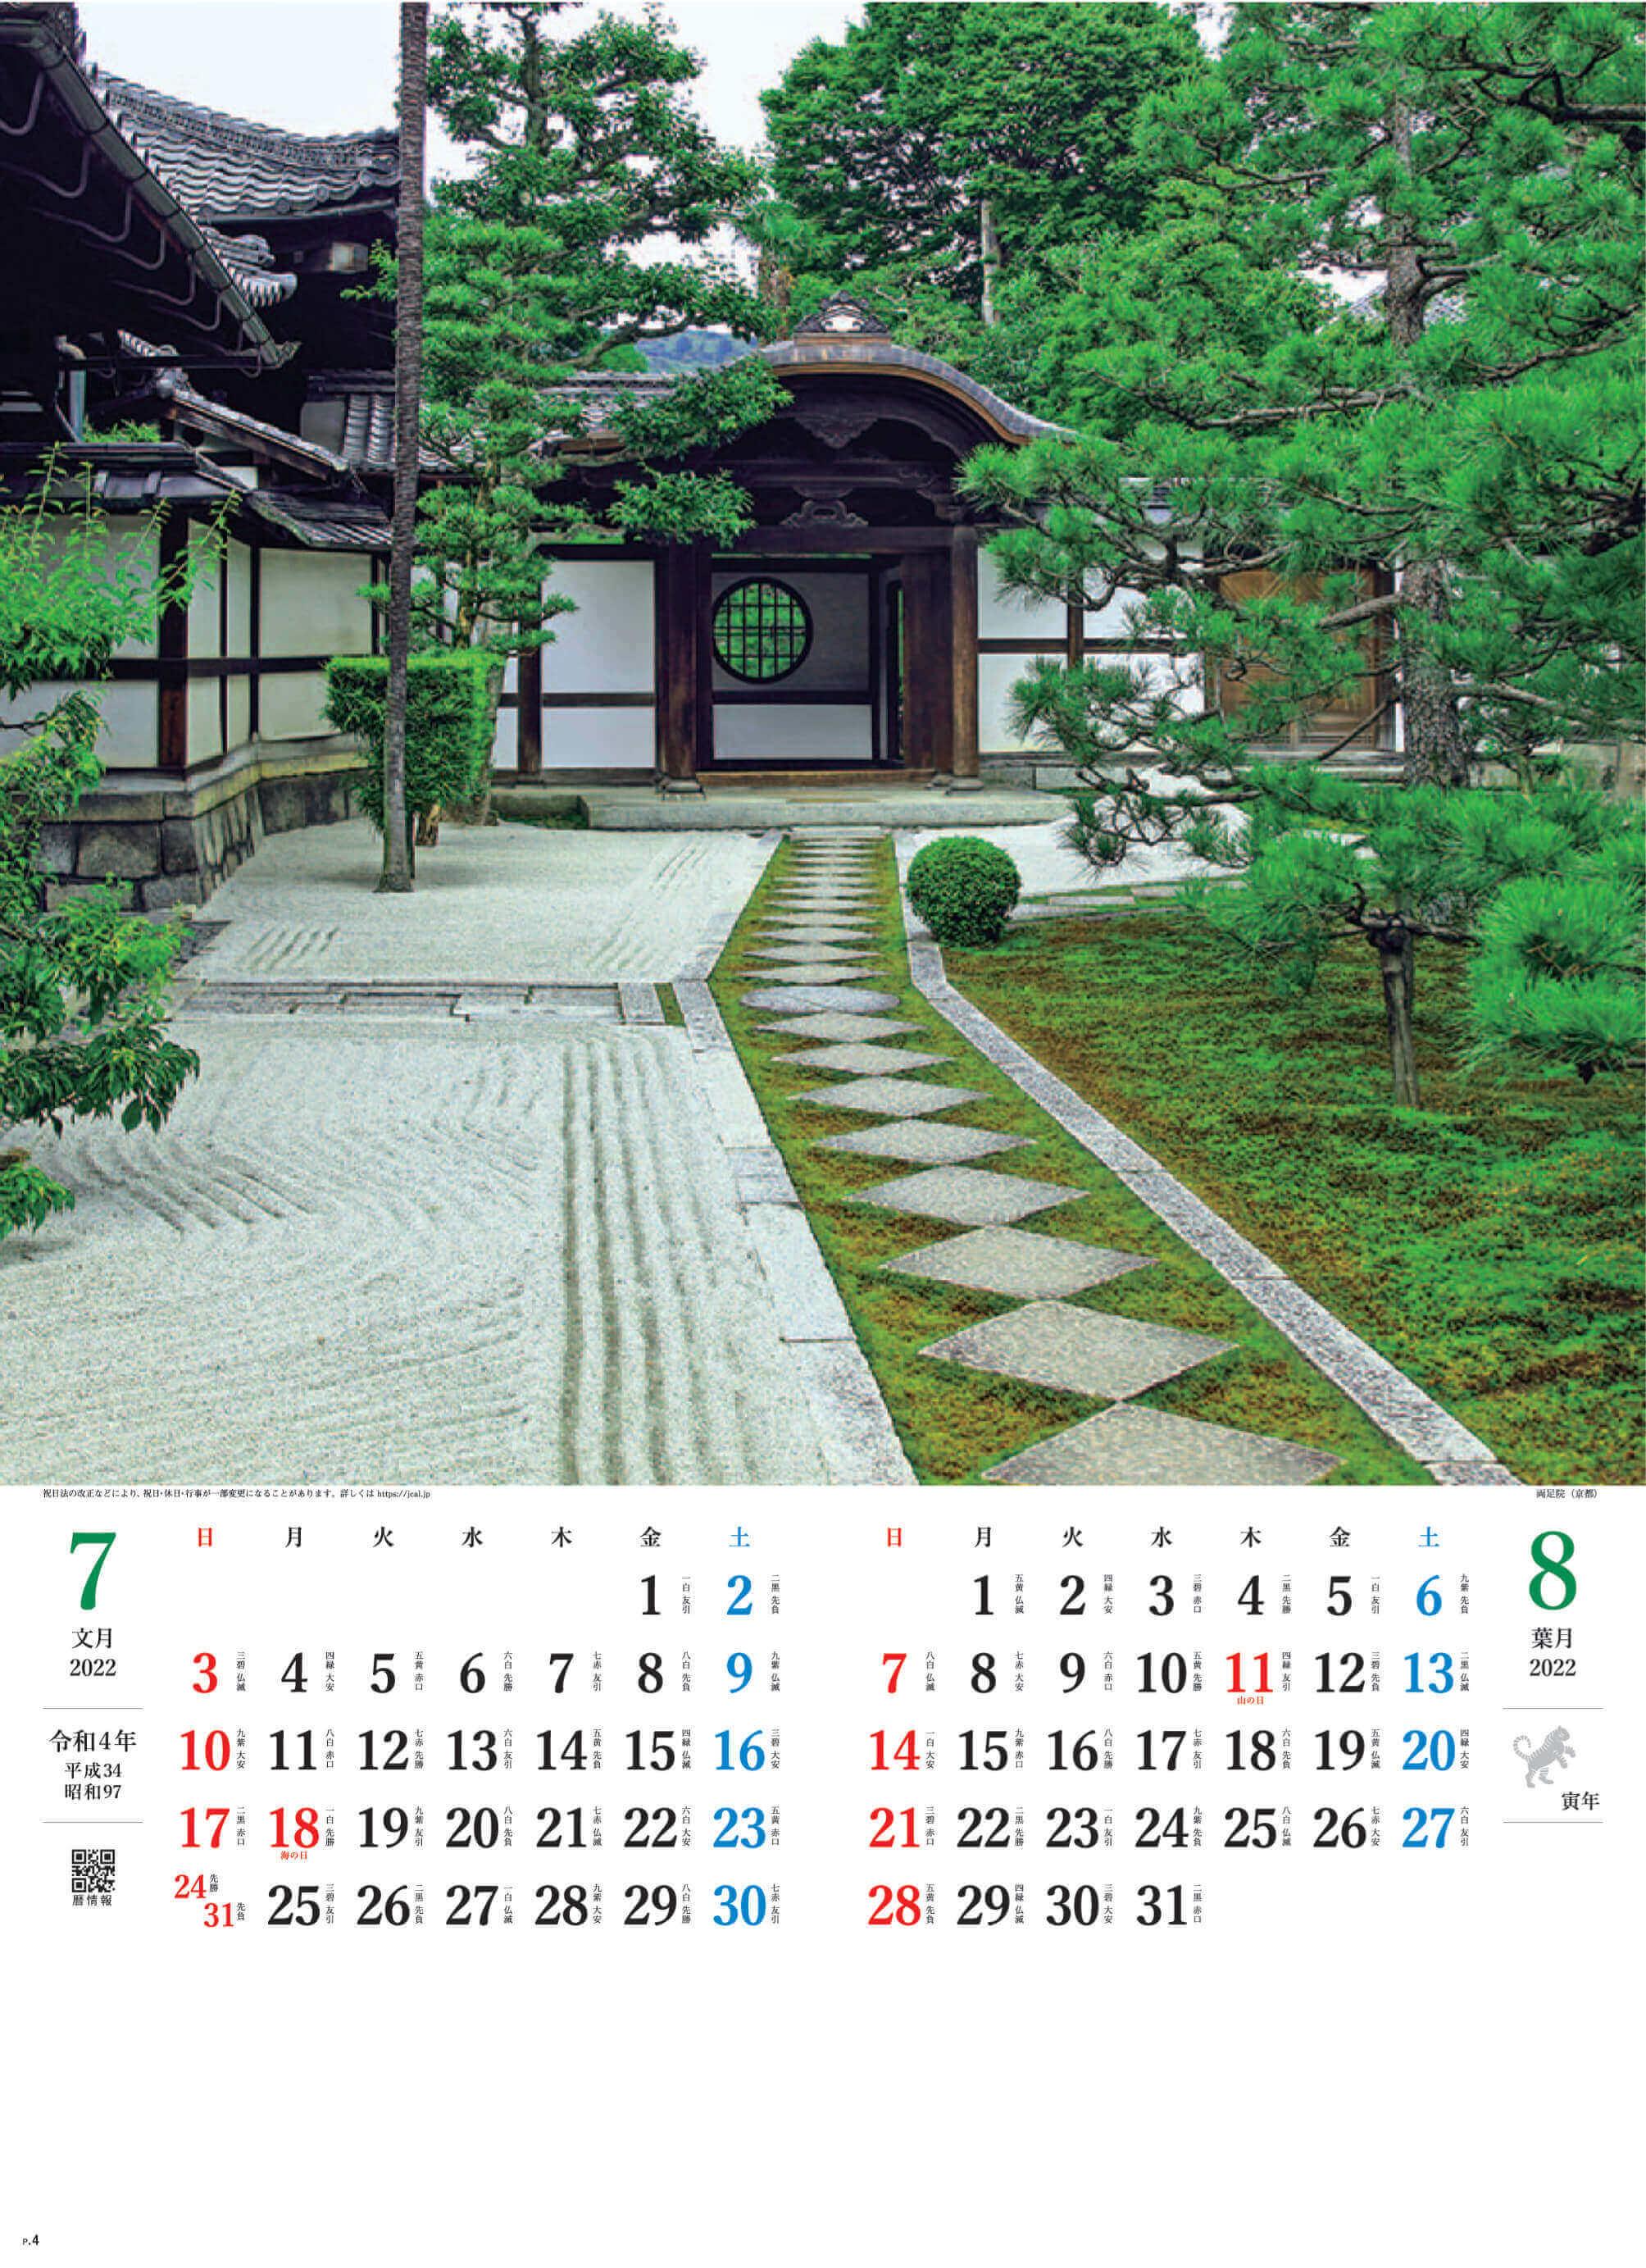 7-8月 両足院(京都) 庭の心 2022年カレンダーの画像